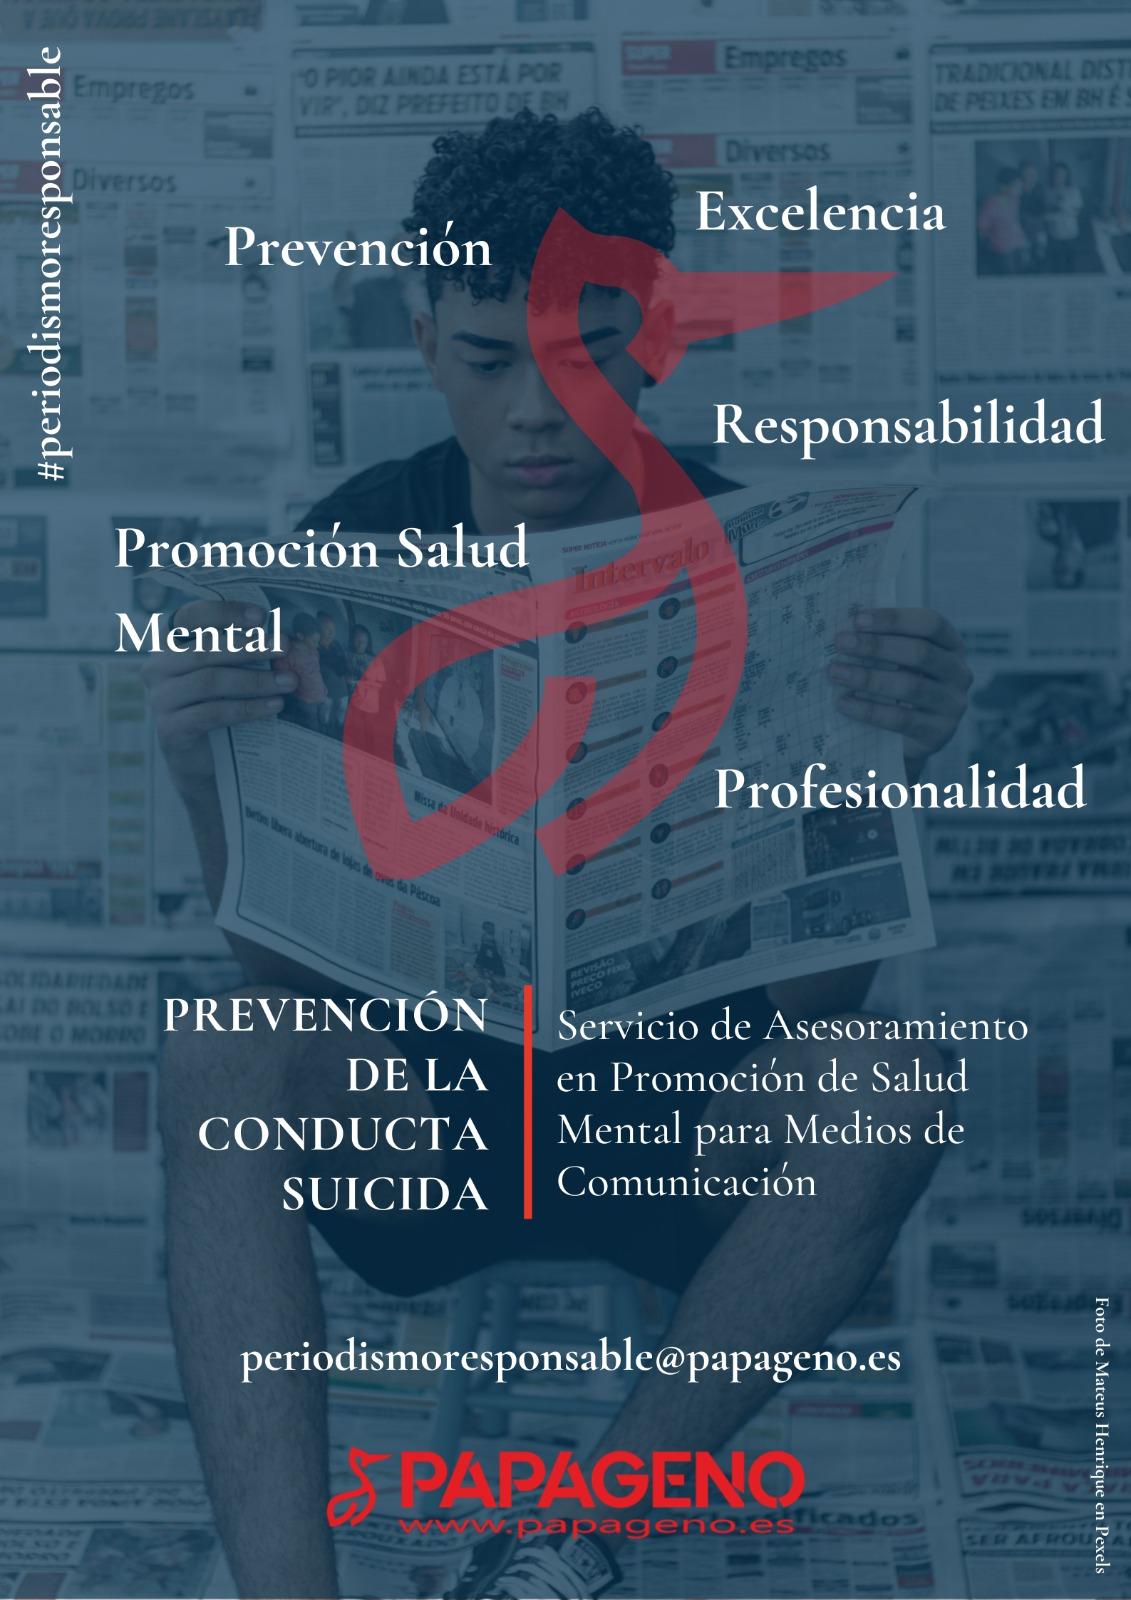 #periodismoresponsable